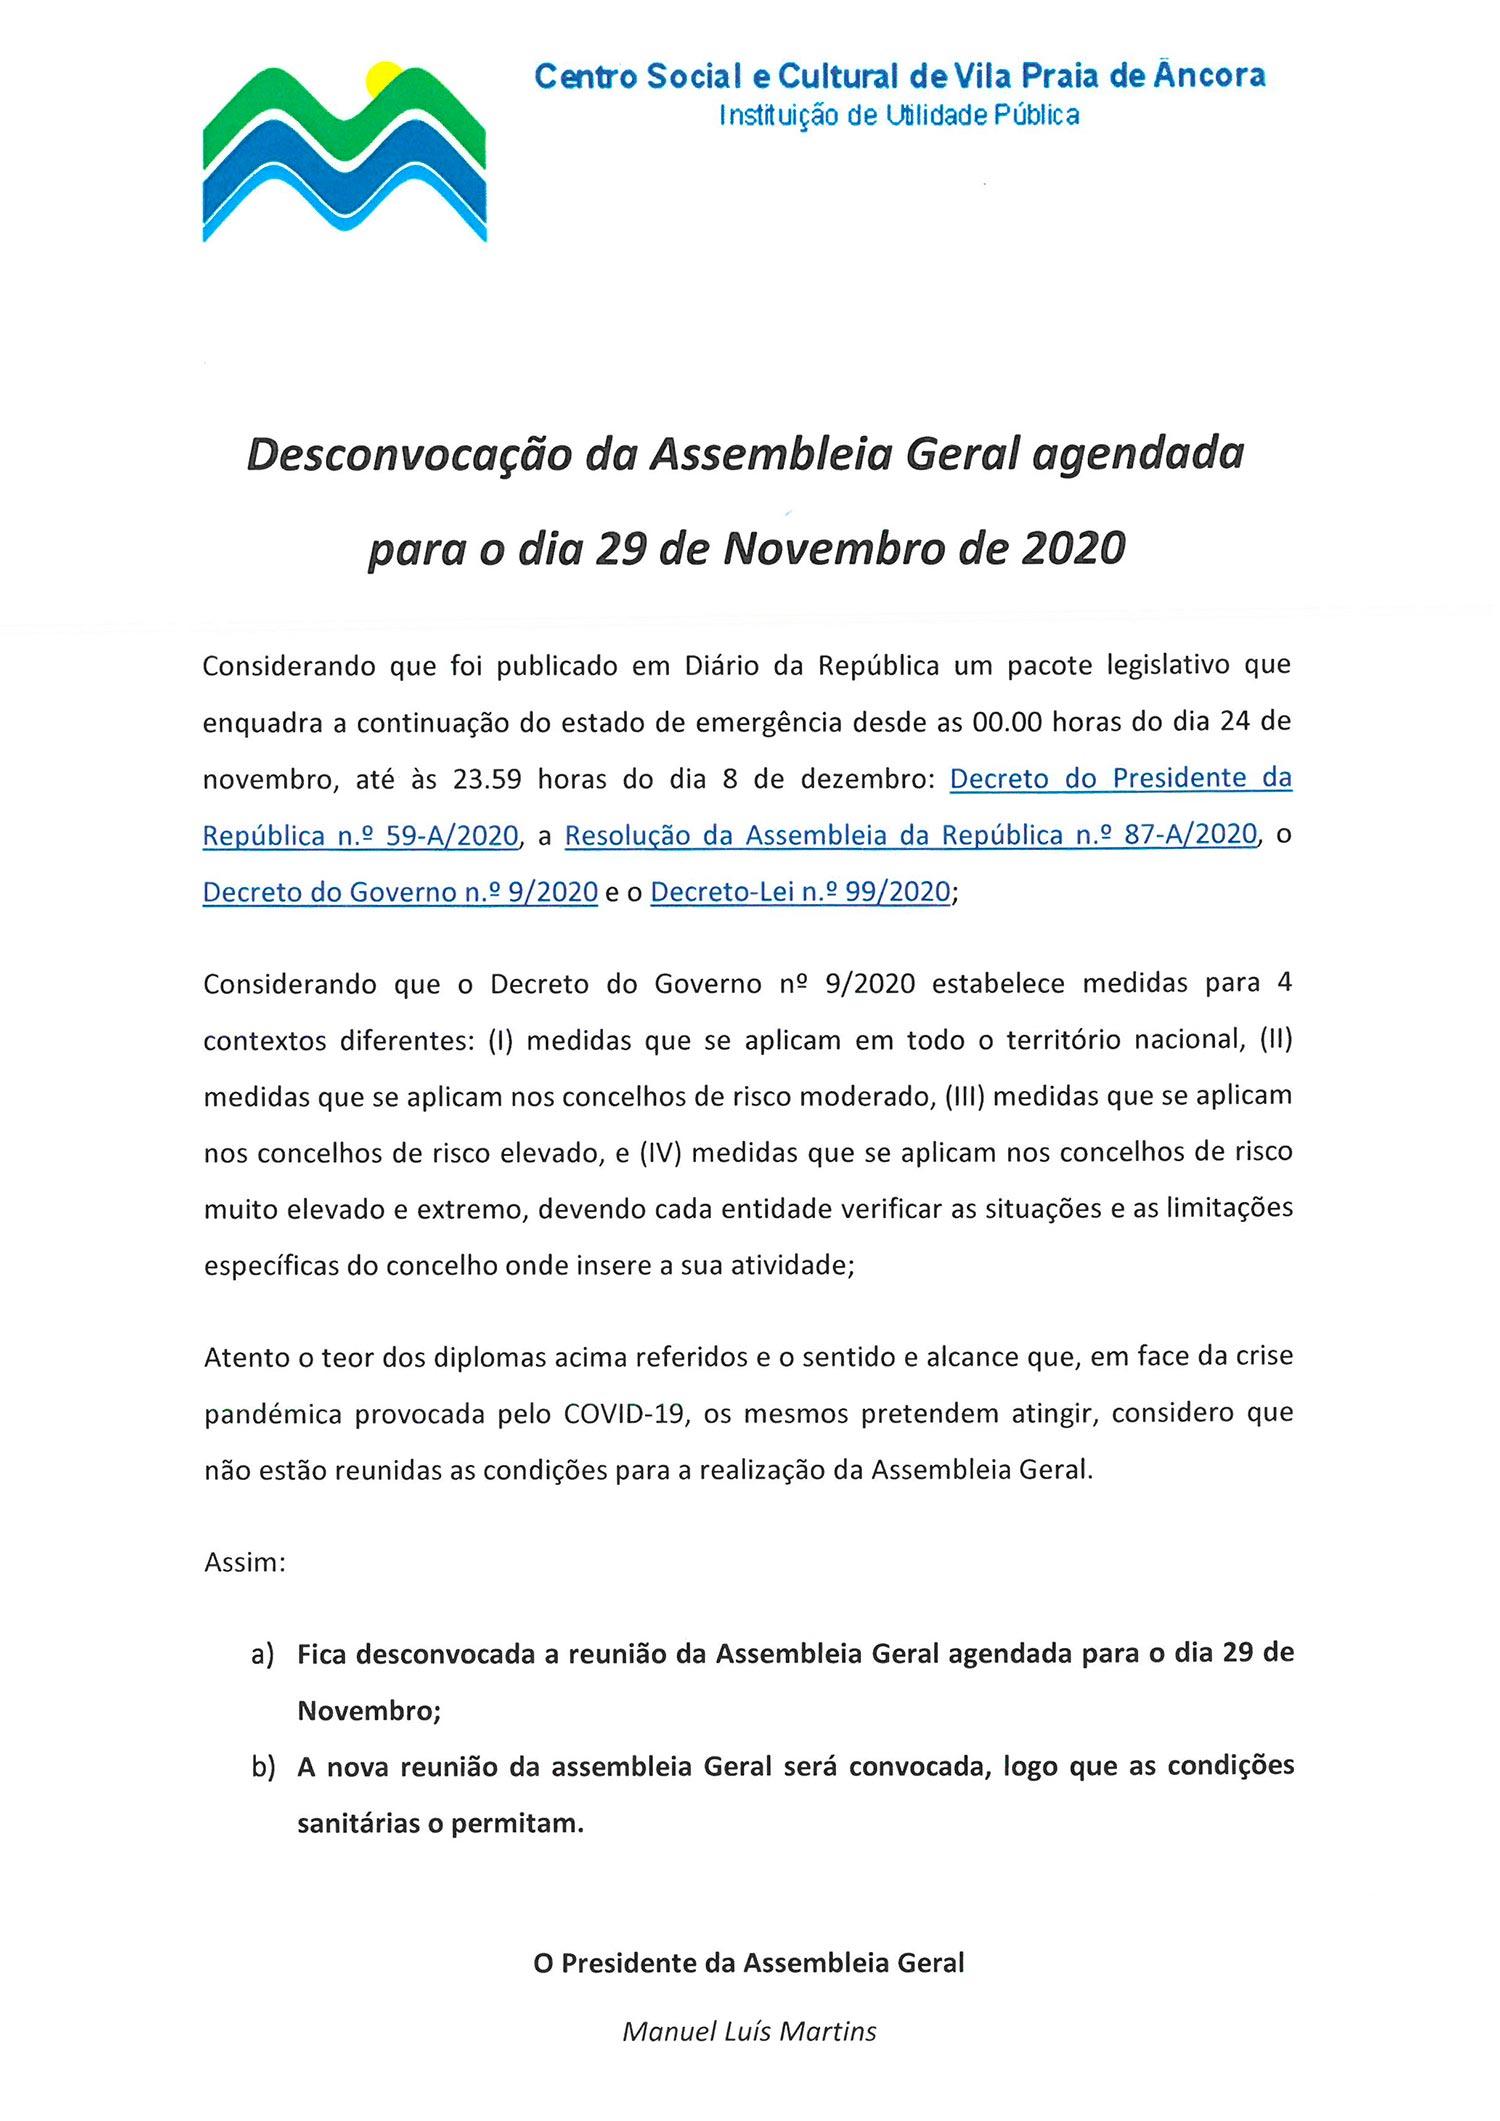 SCSCVPA-desconvocação-assembleia-centro-social-cultural-vila-praia-ancora-2020